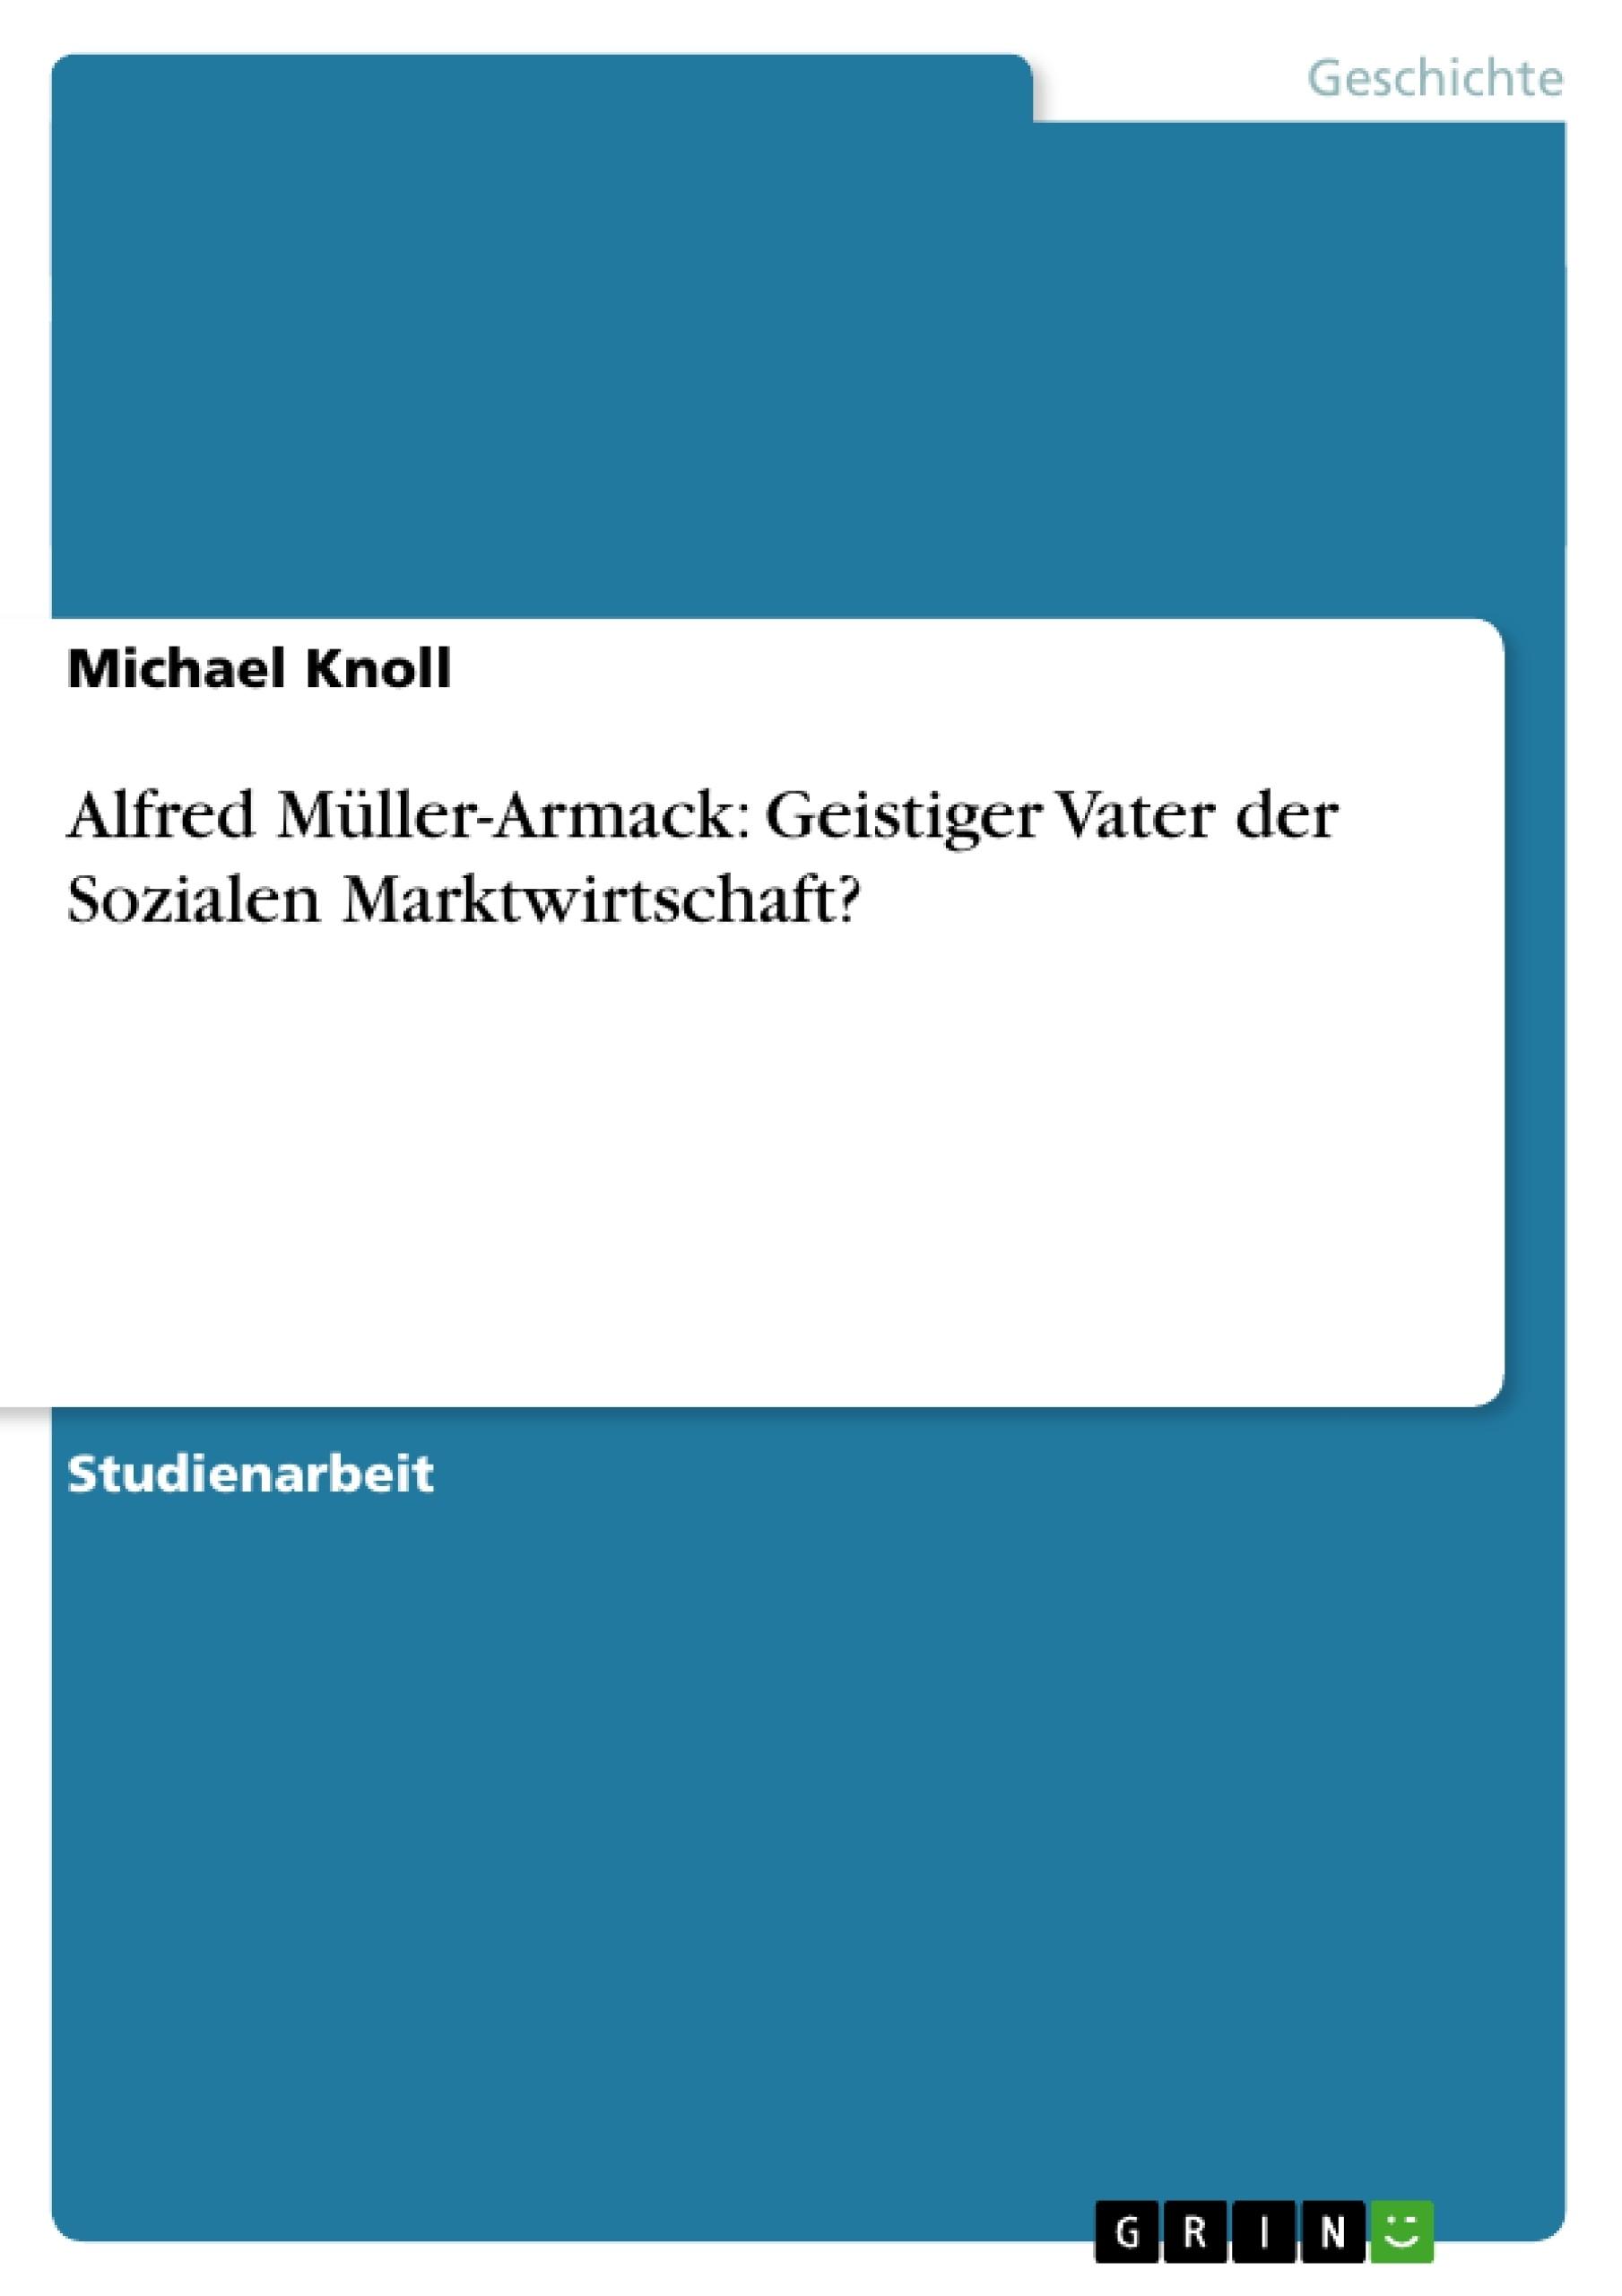 Titel: Alfred Müller-Armack: Geistiger Vater der Sozialen Marktwirtschaft?